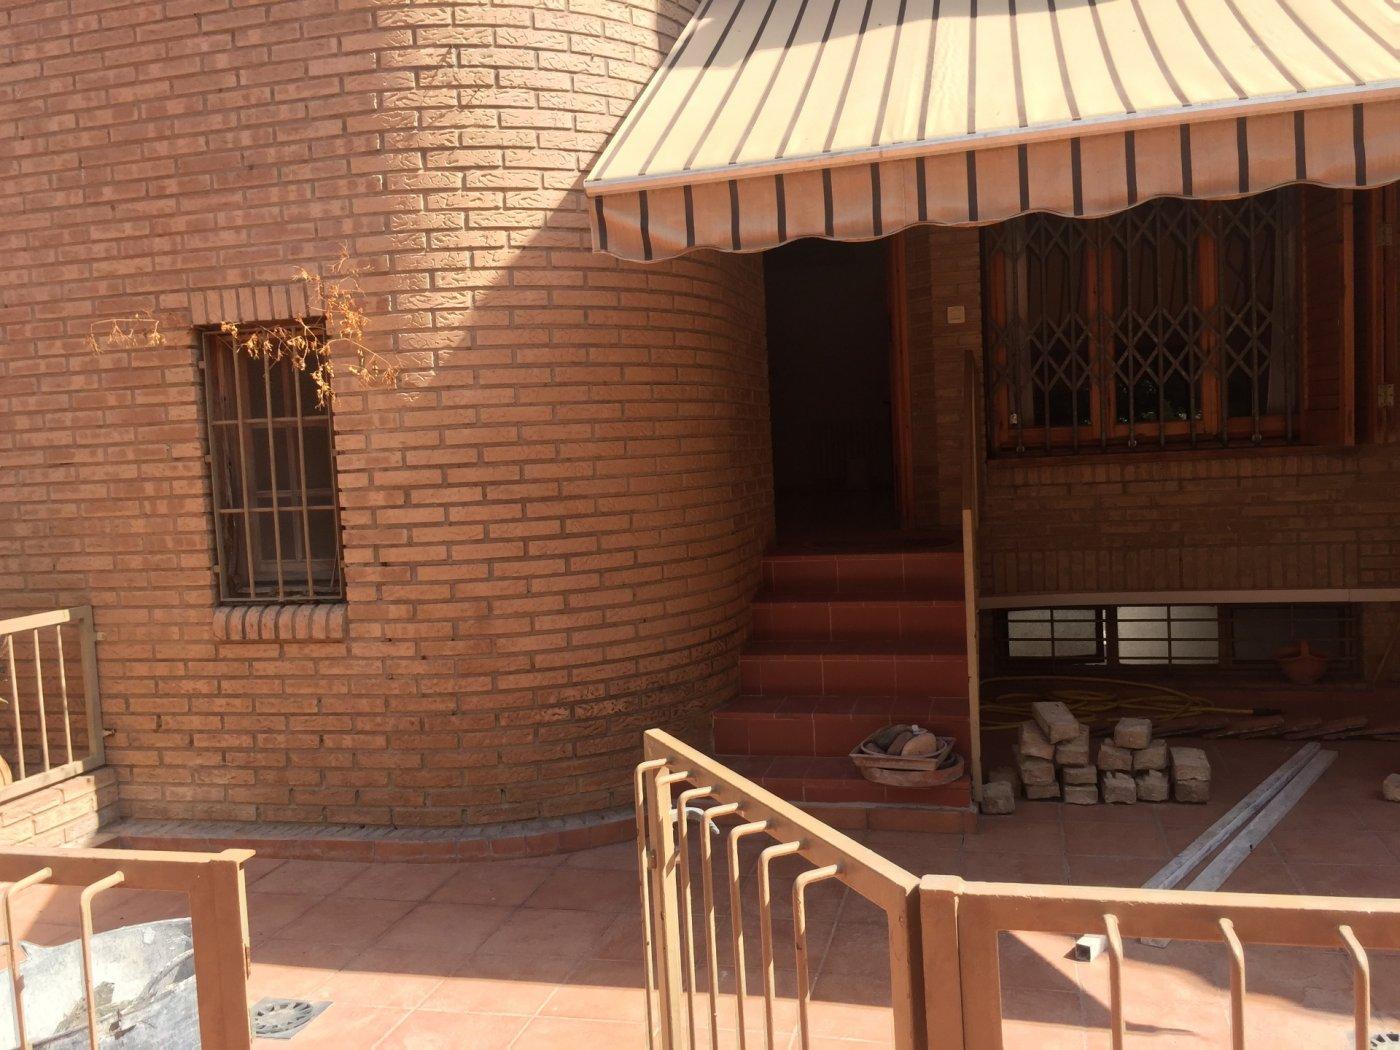 Casa adosado en alfahuir - imagenInmueble2